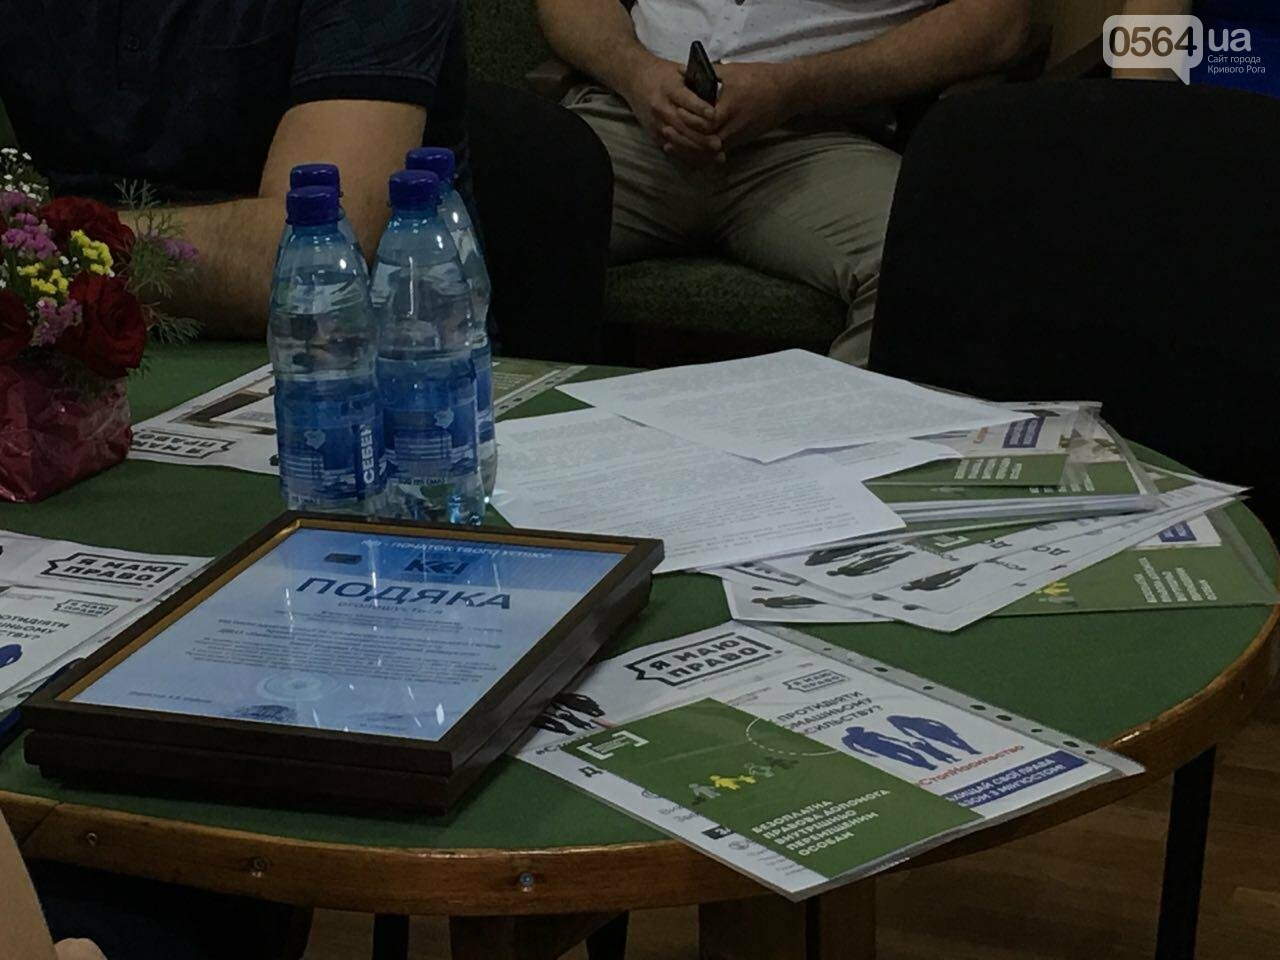 Криворожские центры по предоставлению бесплатной правовой помощи подвели итоги работы за 3 года, - ФОТО, фото-3